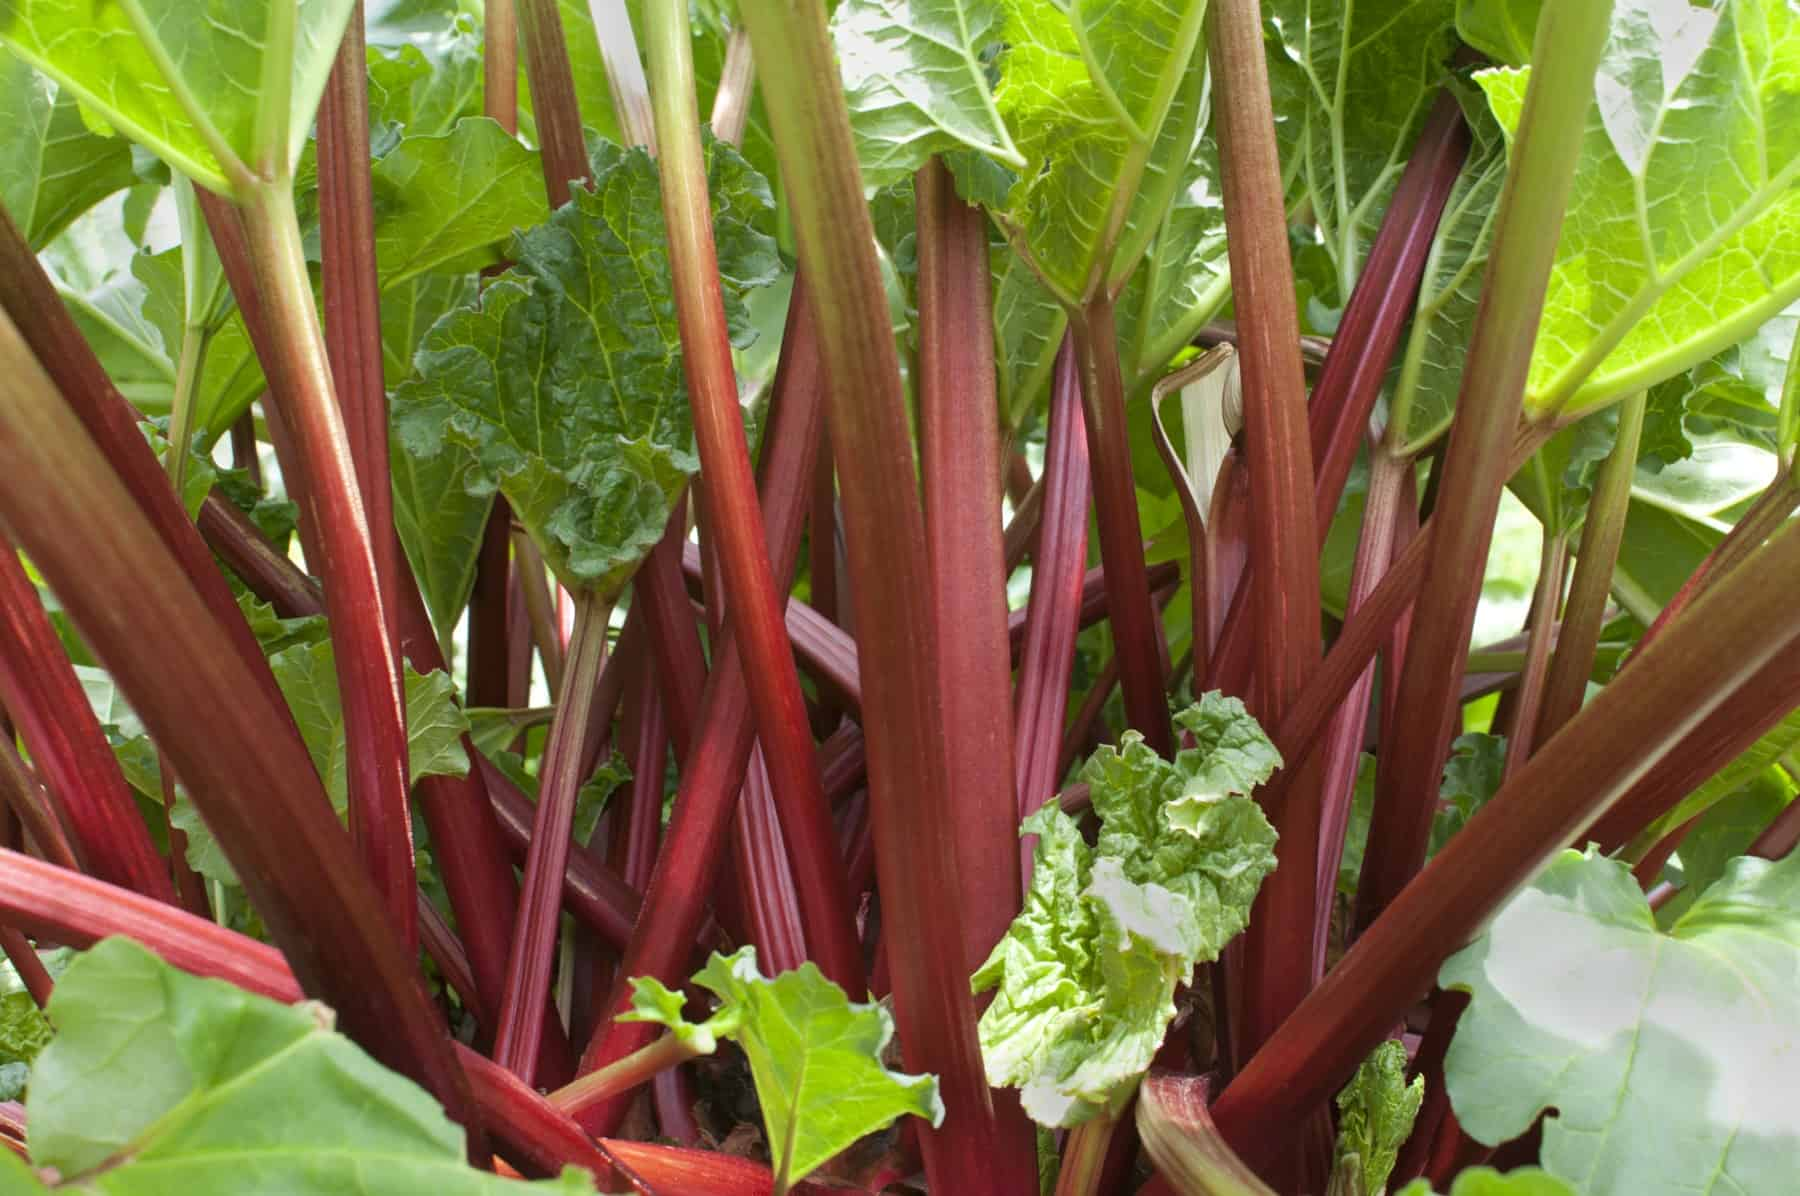 Ripe red stems of rhubarb (Rheum rhabarbarum) growing in vegetable garden